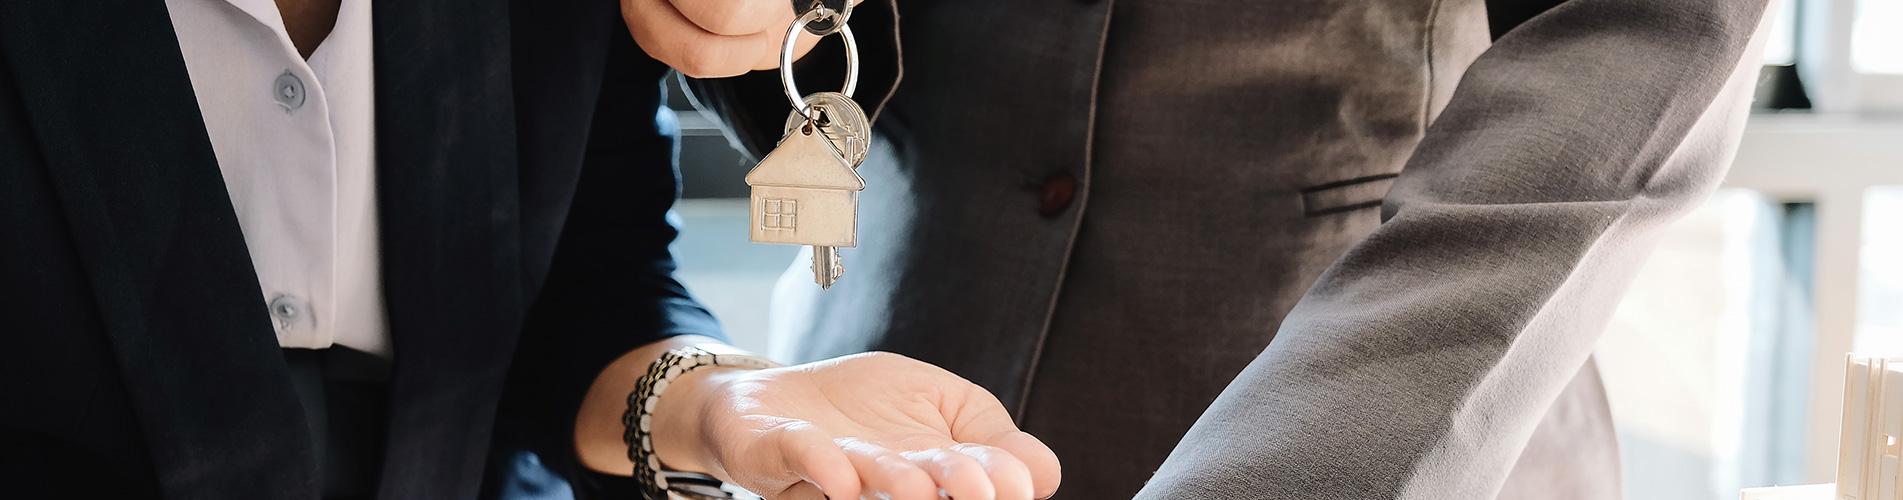 Comment calculer le prix de vente de son appartement - BienEstimer by SAFTI